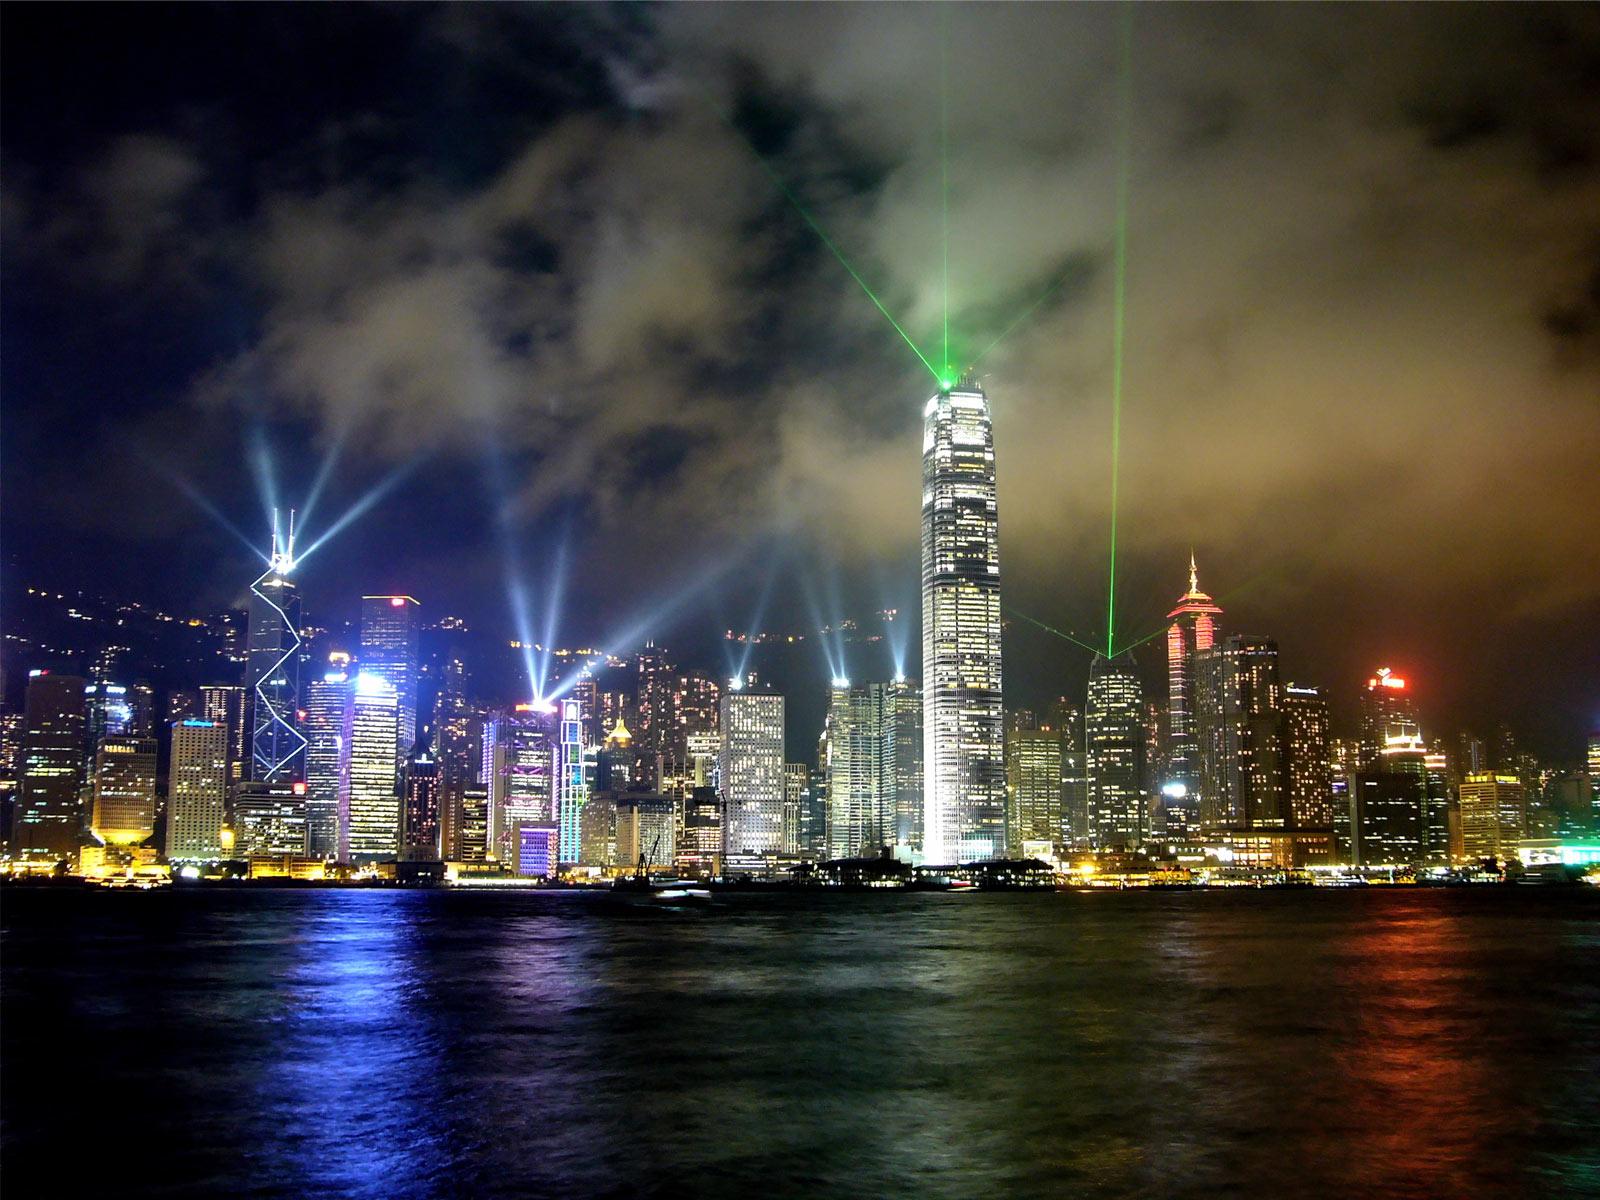 Pic New Posts: Hd Wallpaper Hong Kong